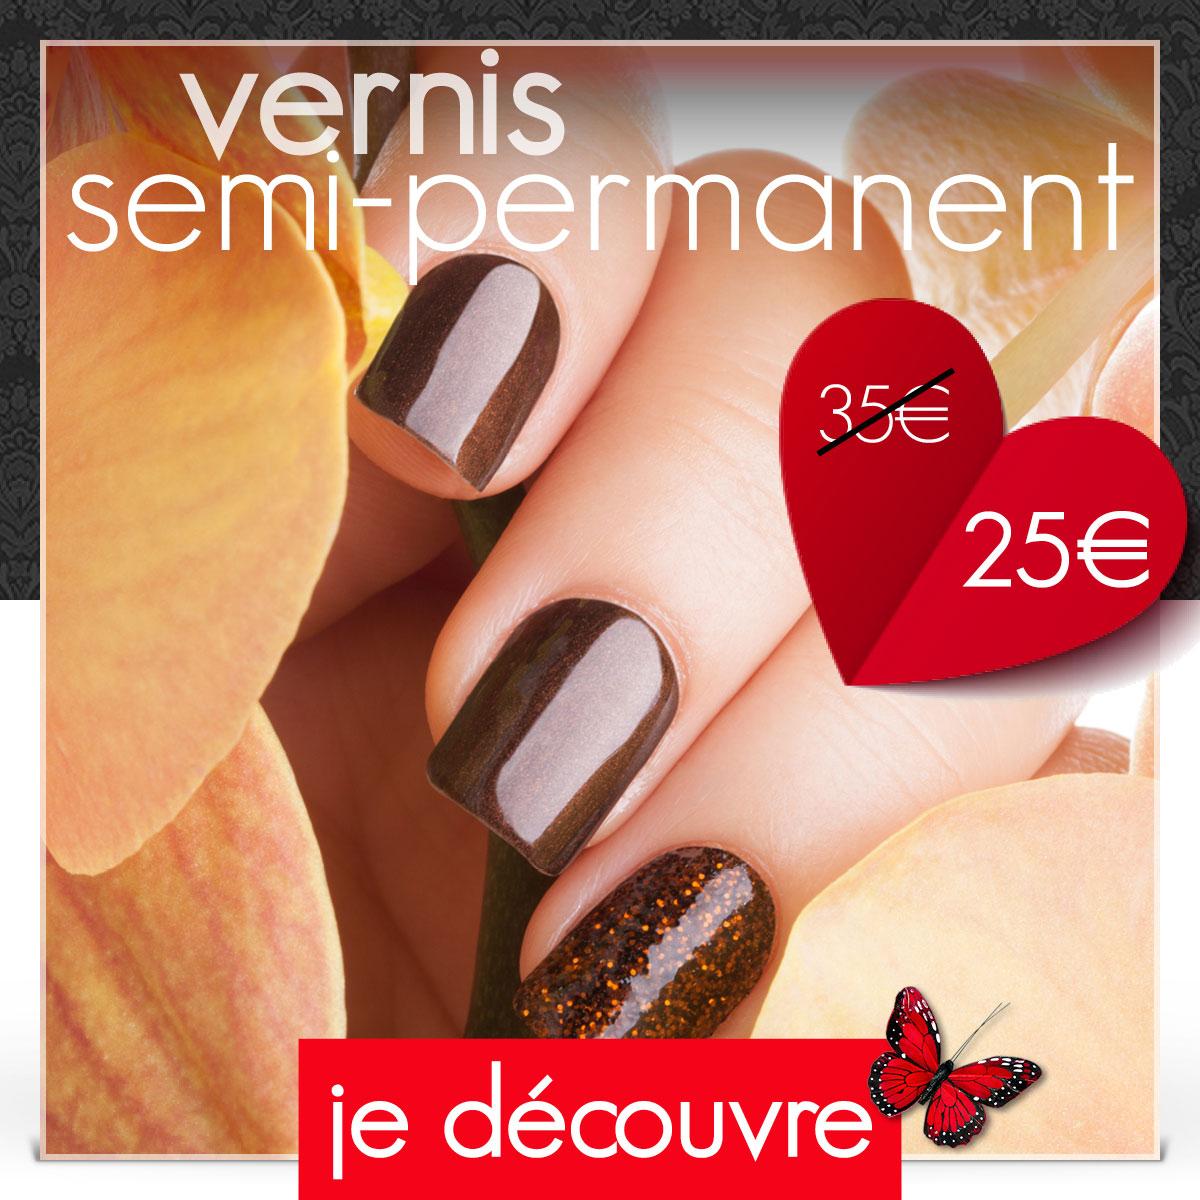 Vernis semi-permanent